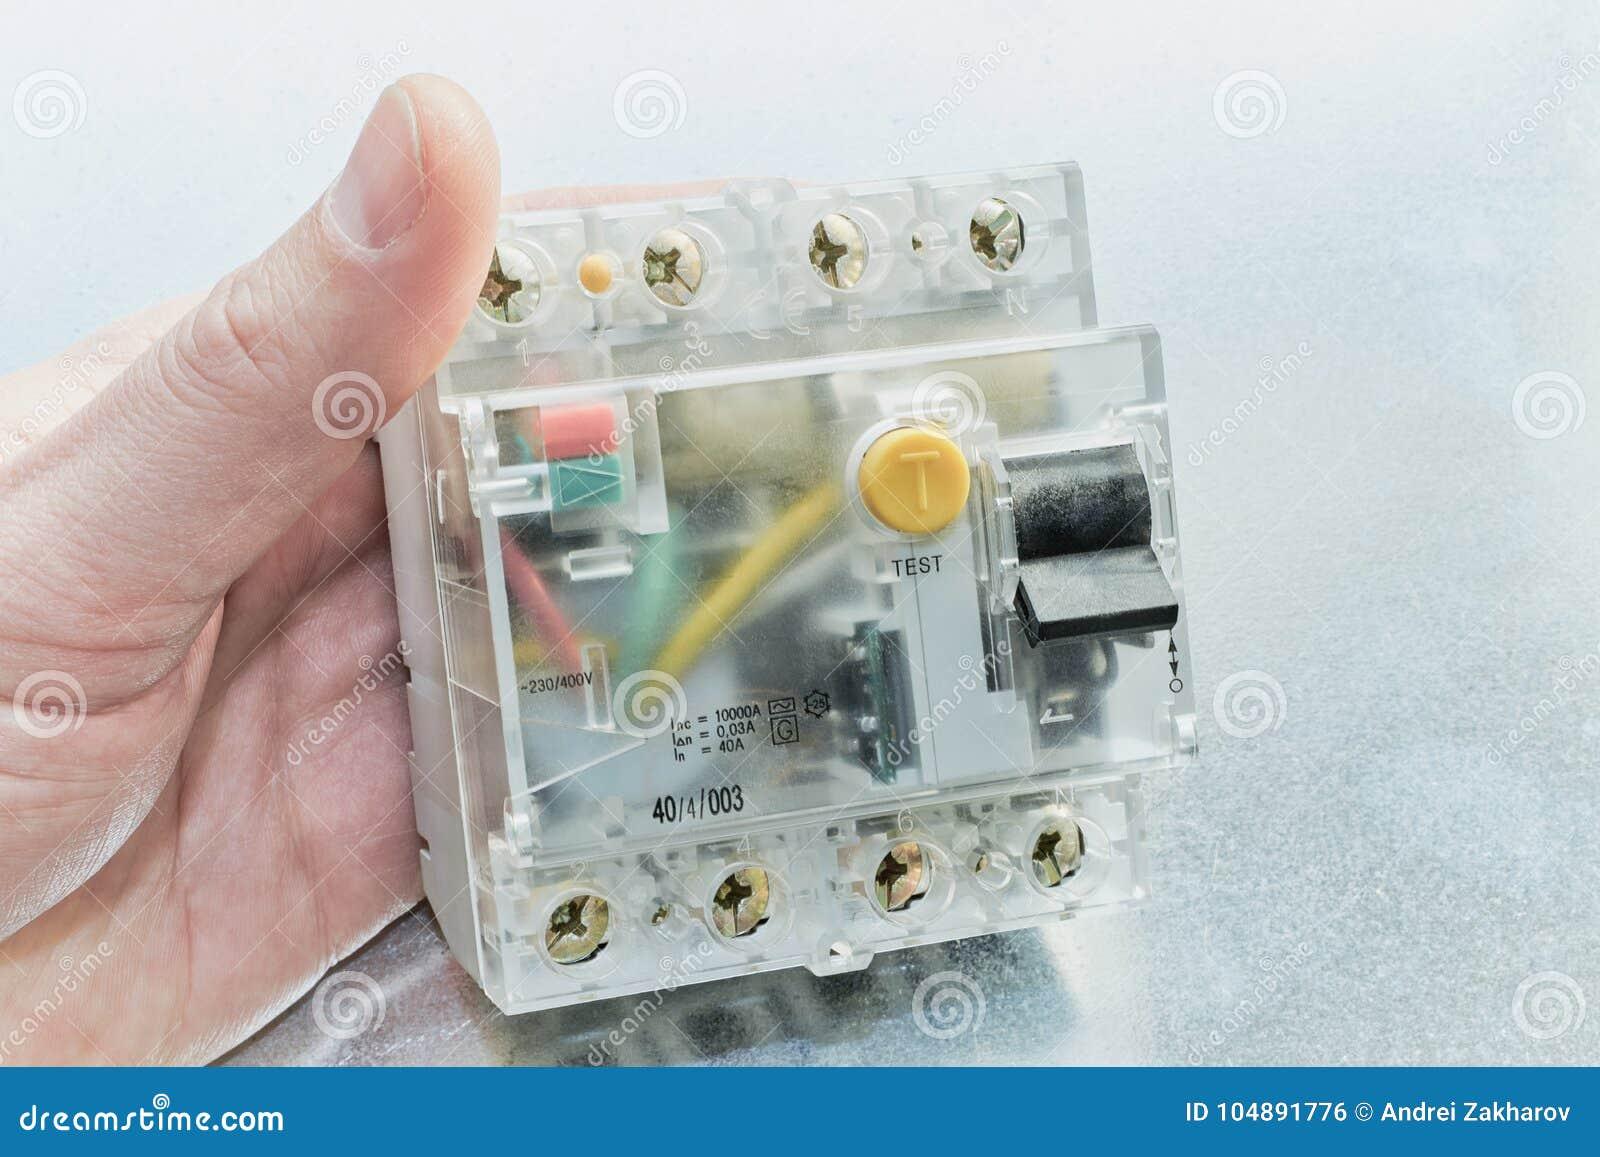 Bemannen Sie das Halten eines residuell gegenwärtigen Gerätes in der Modularbauweise